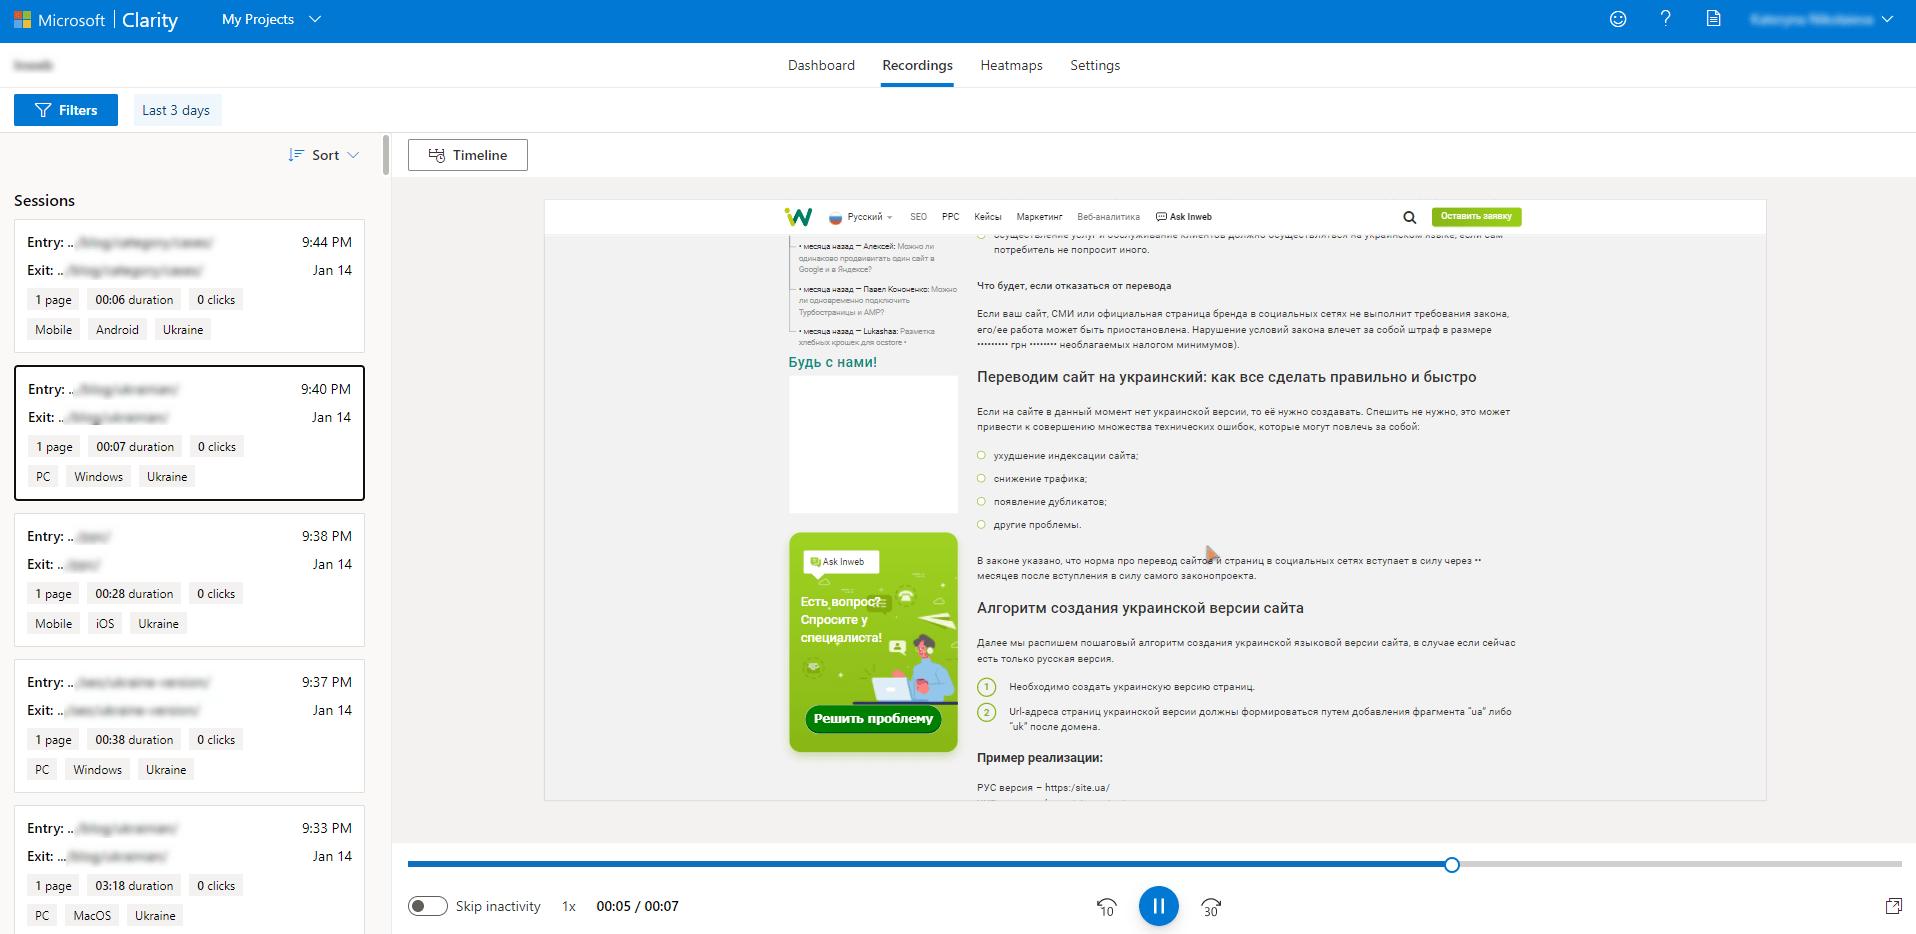 Раздел показателей сеансов в сервисе Microsoft Clarity